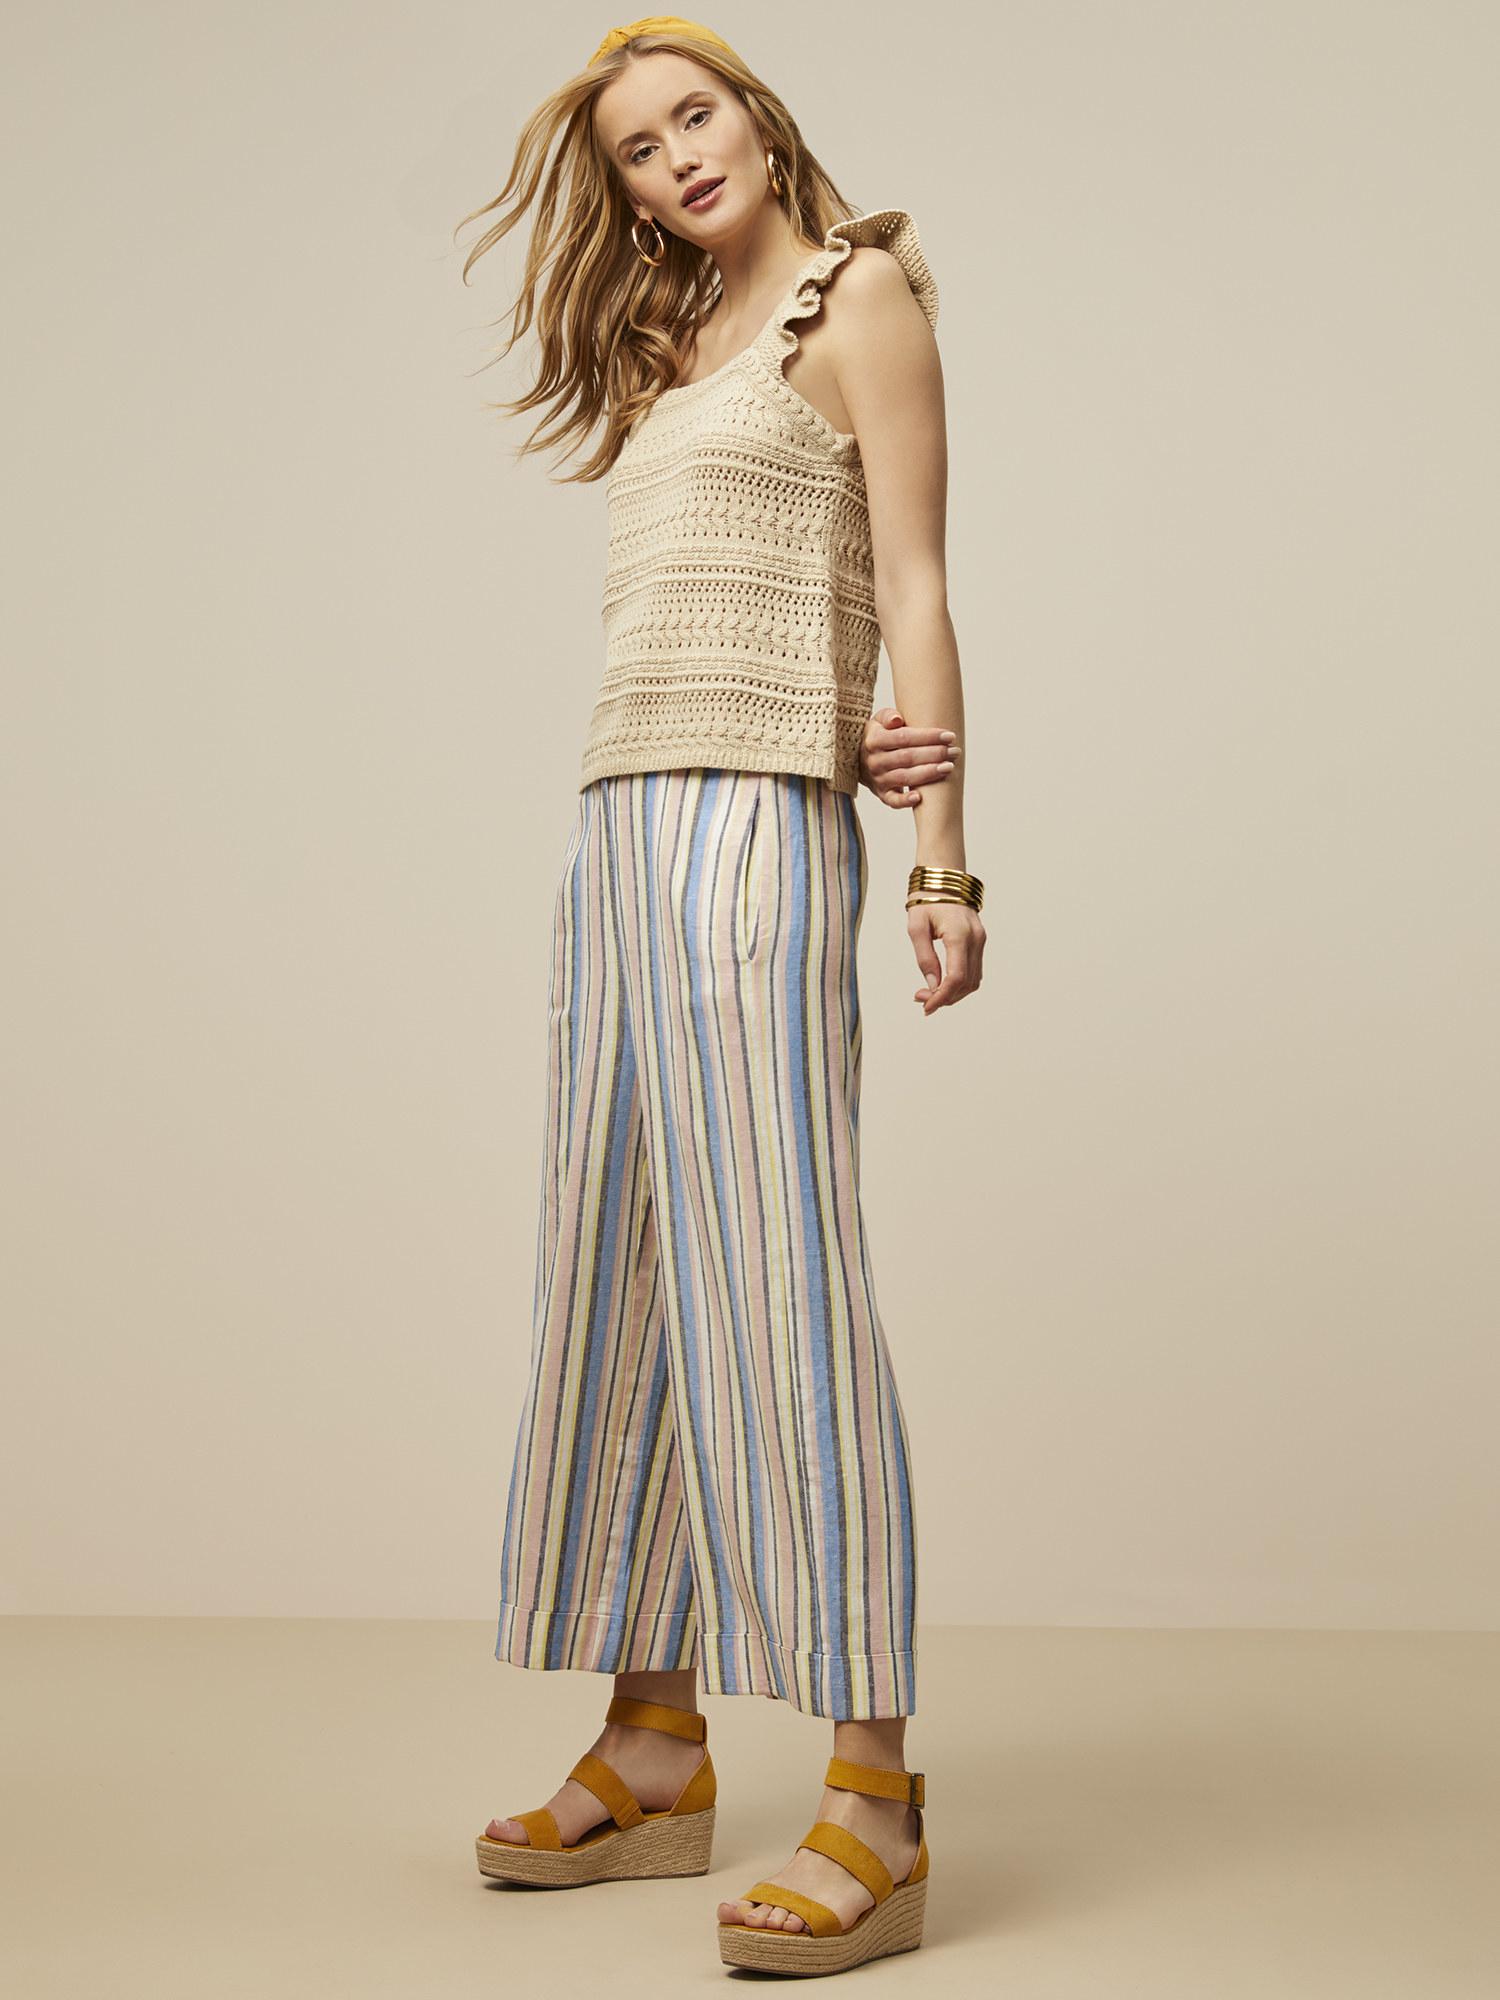 A model in striped linen pants